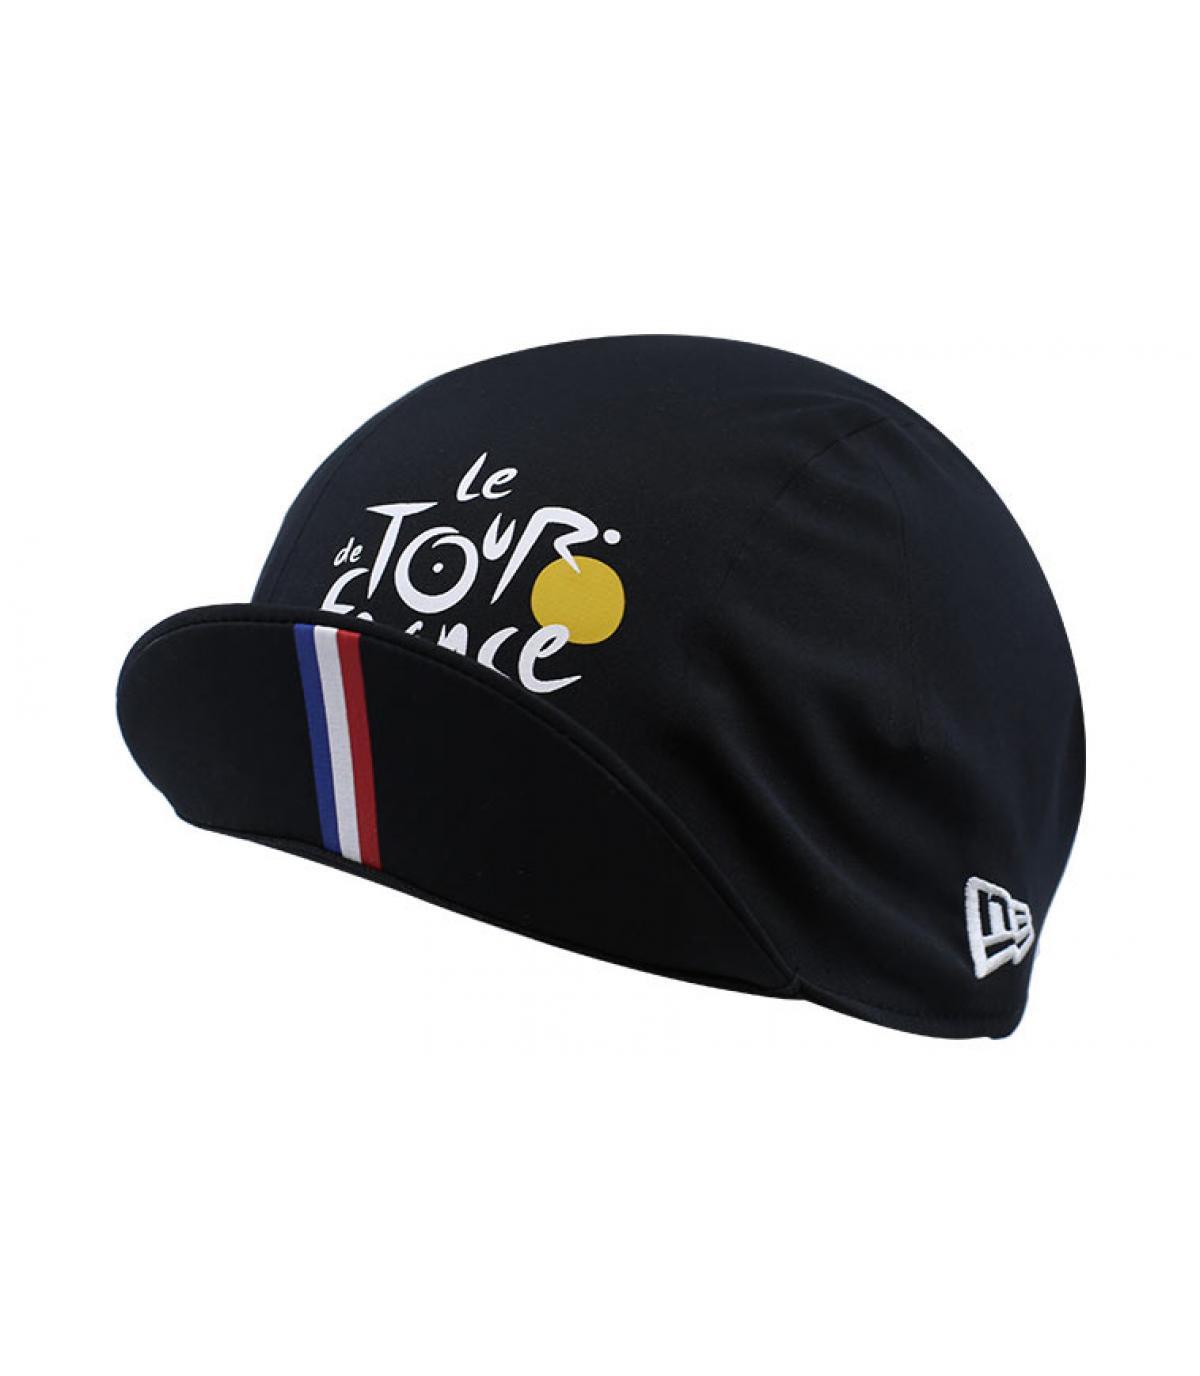 Details Tour de France Cycling black - afbeeling 2